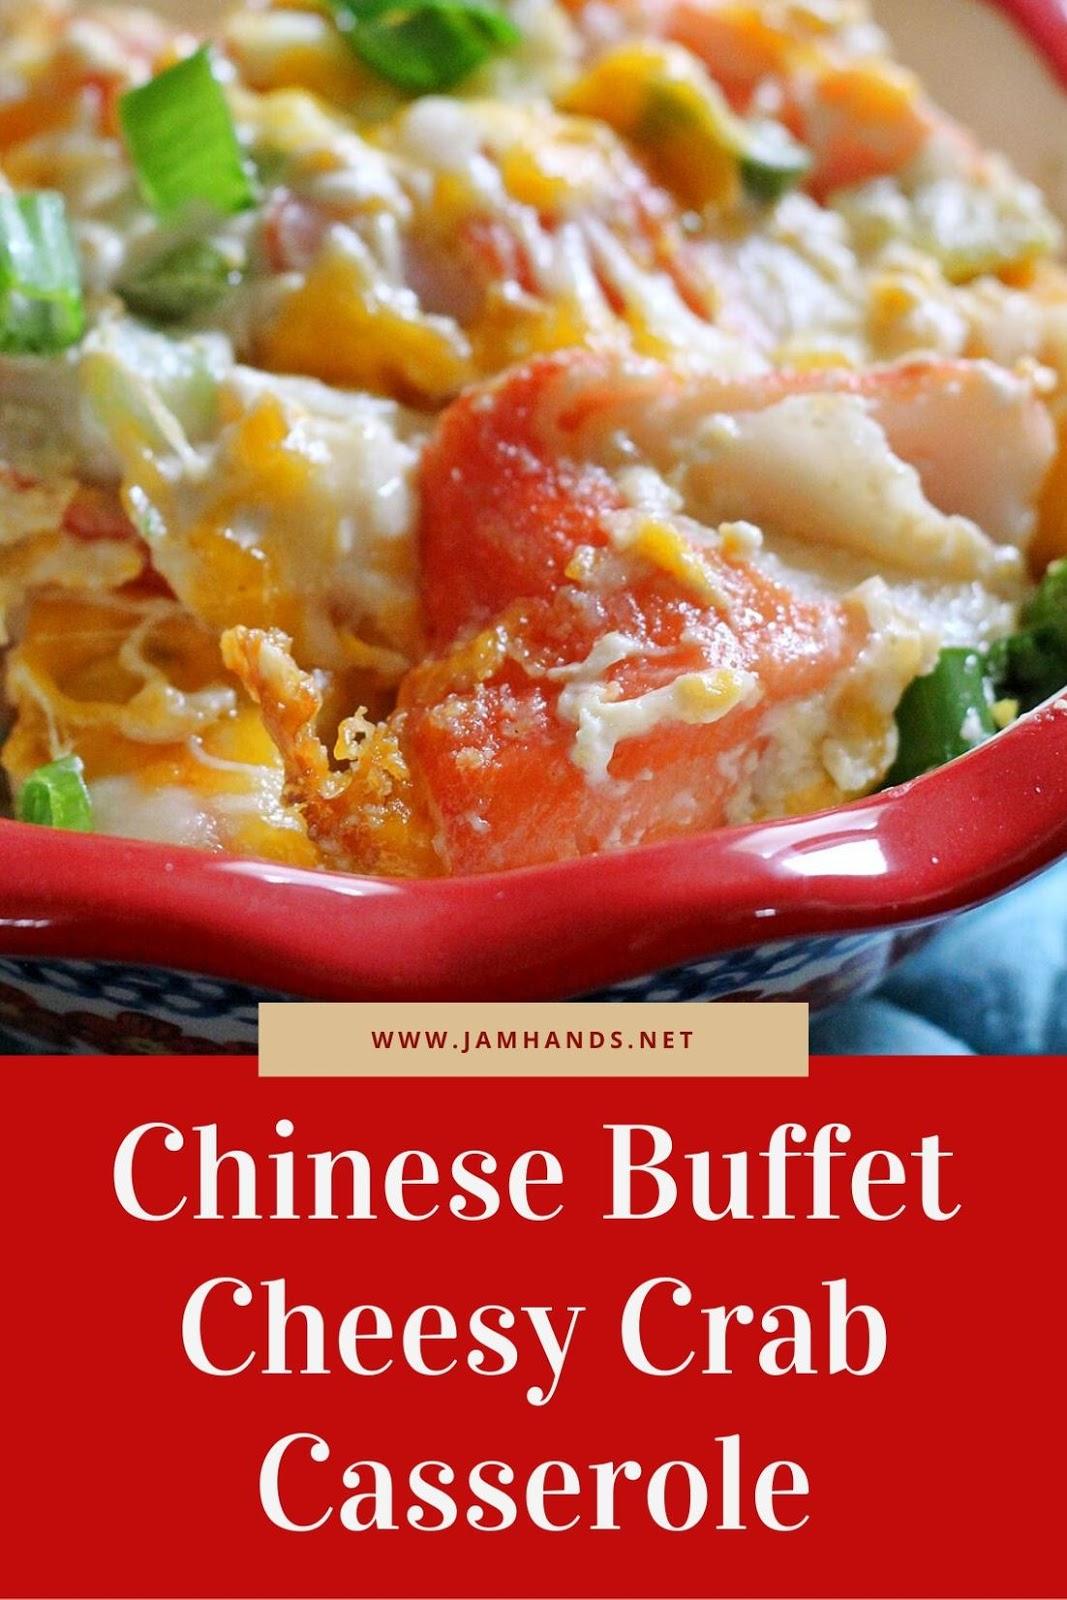 Chinese Buffet Cheesy Crab Casserole